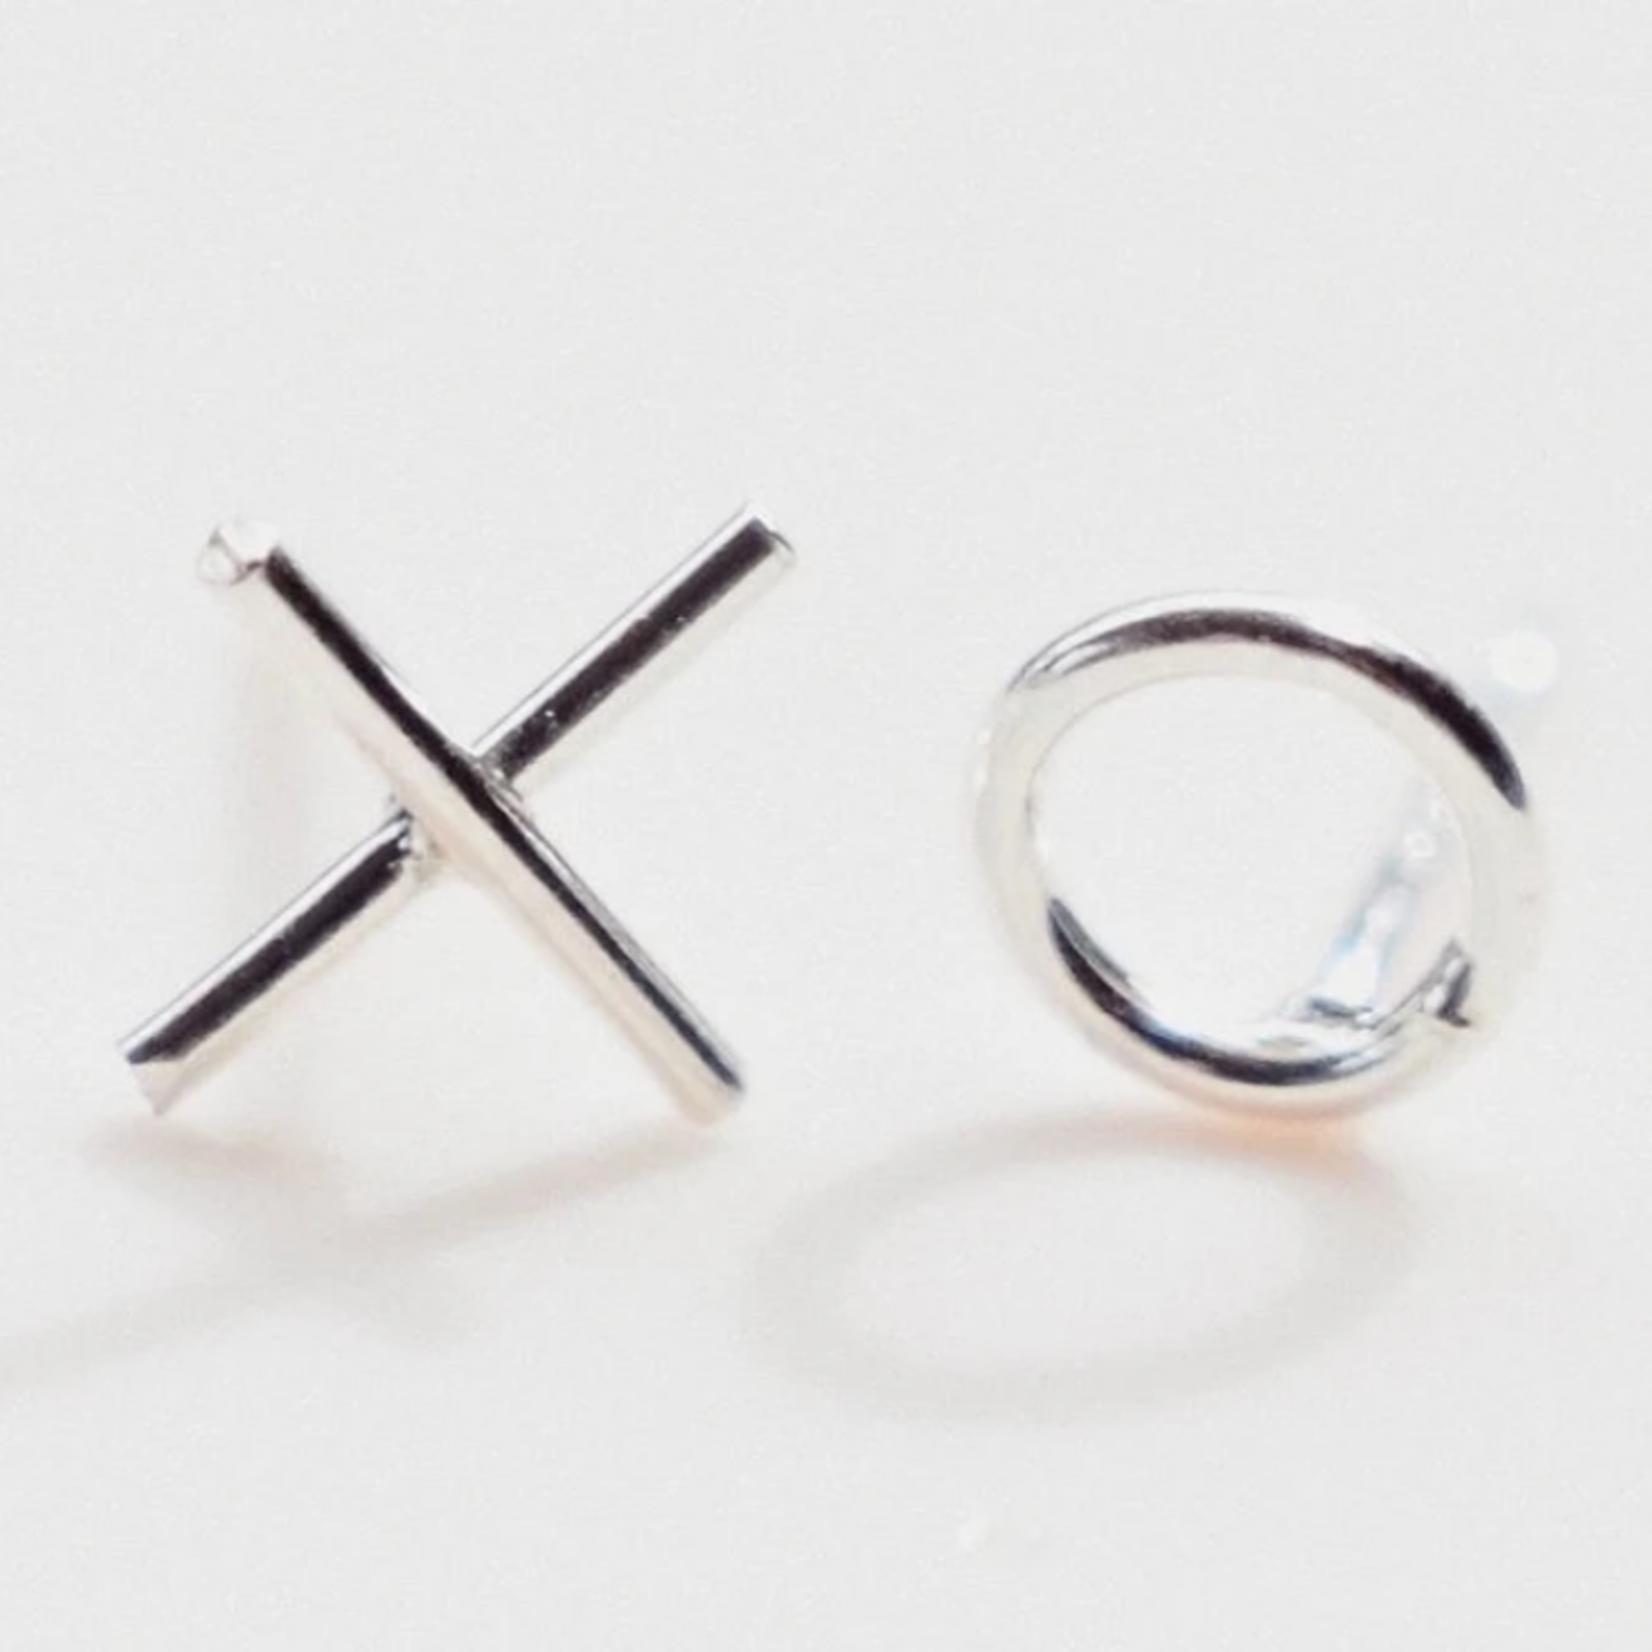 xo earrings silver